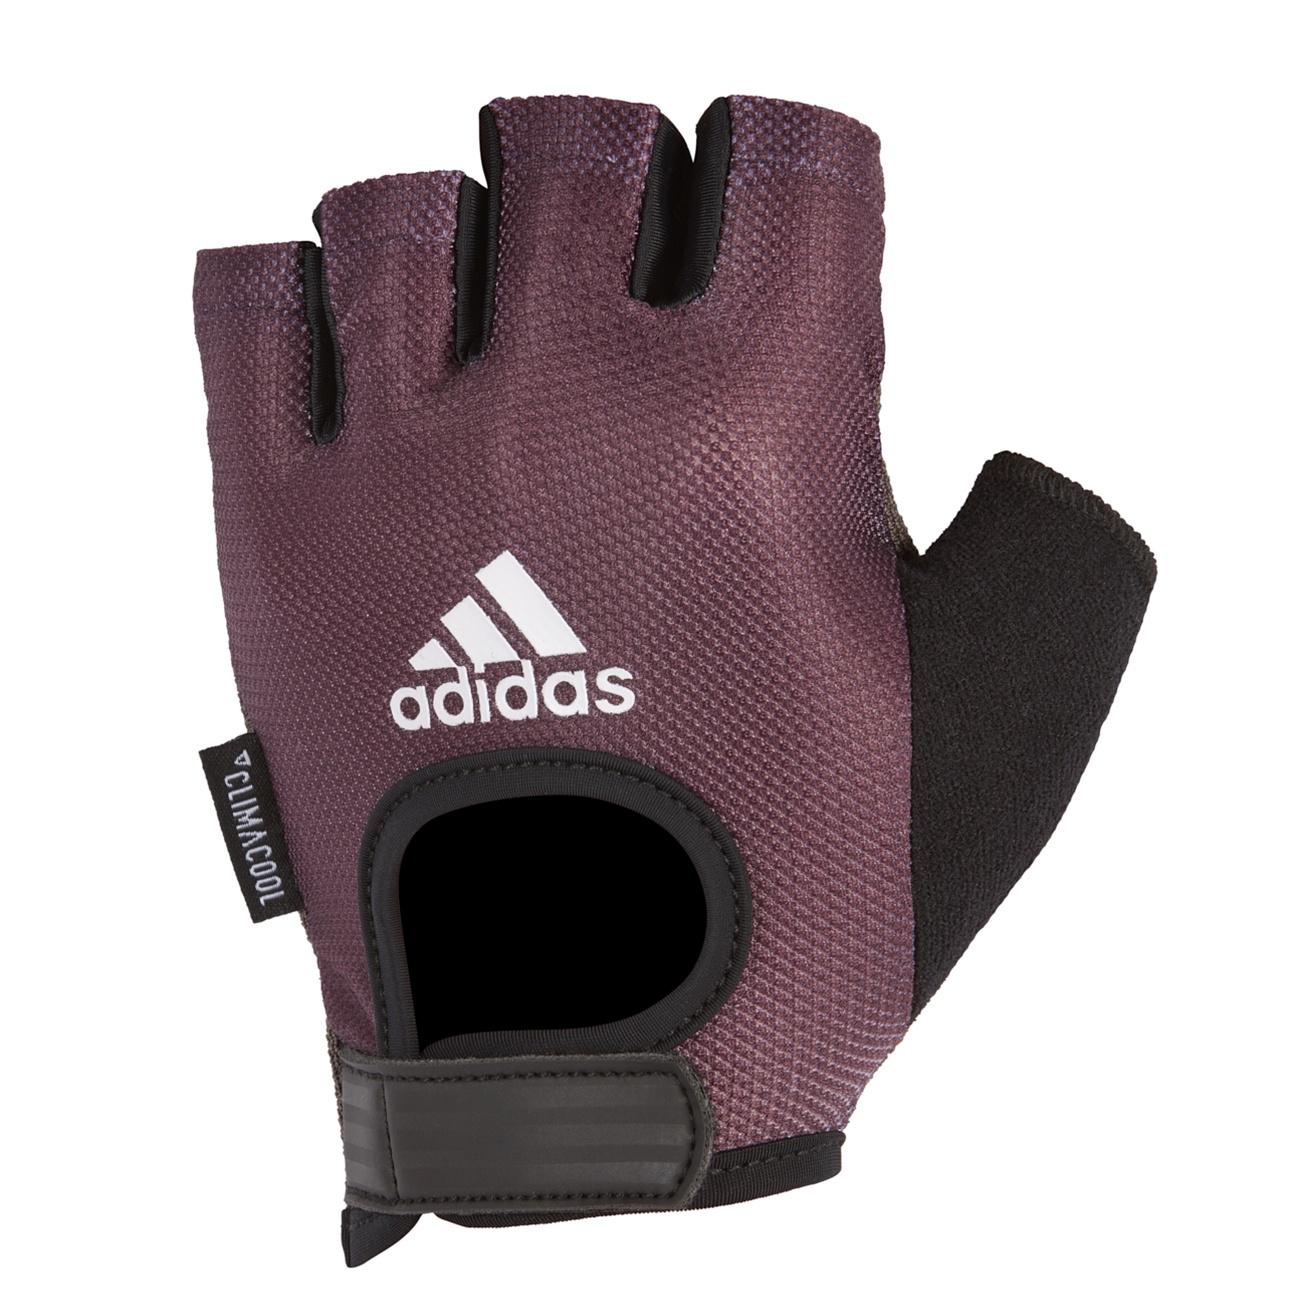 Перчатки для фитнеса Adidas ADGB-13215, фиолетовый перчатки adidas для фитнеса белые размер m adgb 12322 wh